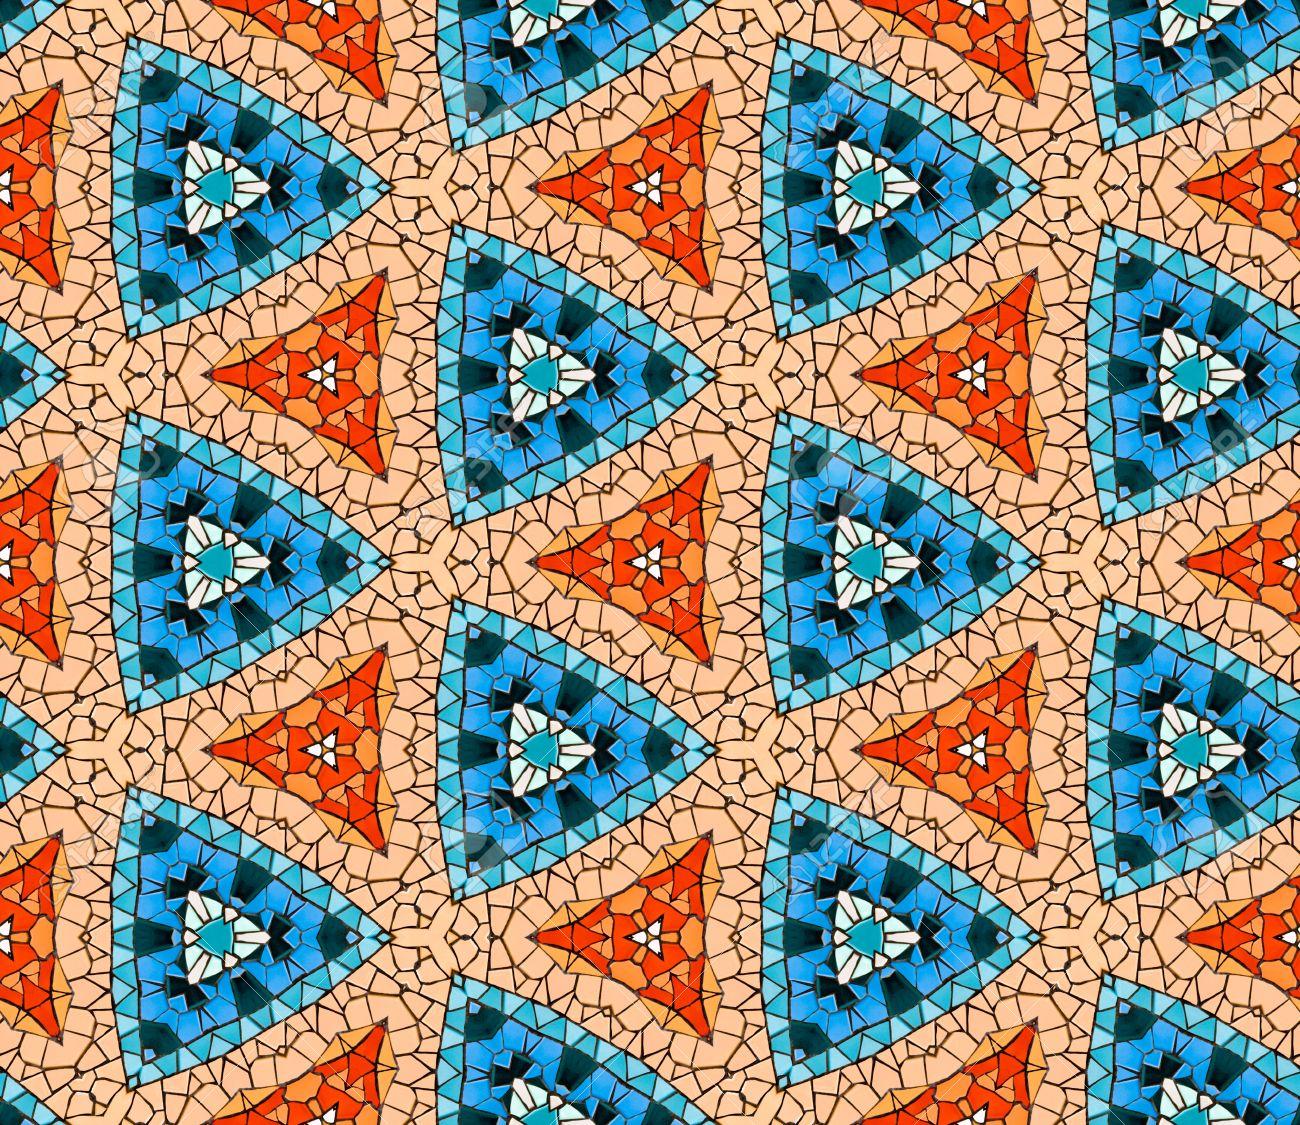 seamless patrn de mosaico de azulejos de alterados hexagonales baldosas cermicas reales dispuestas para formar